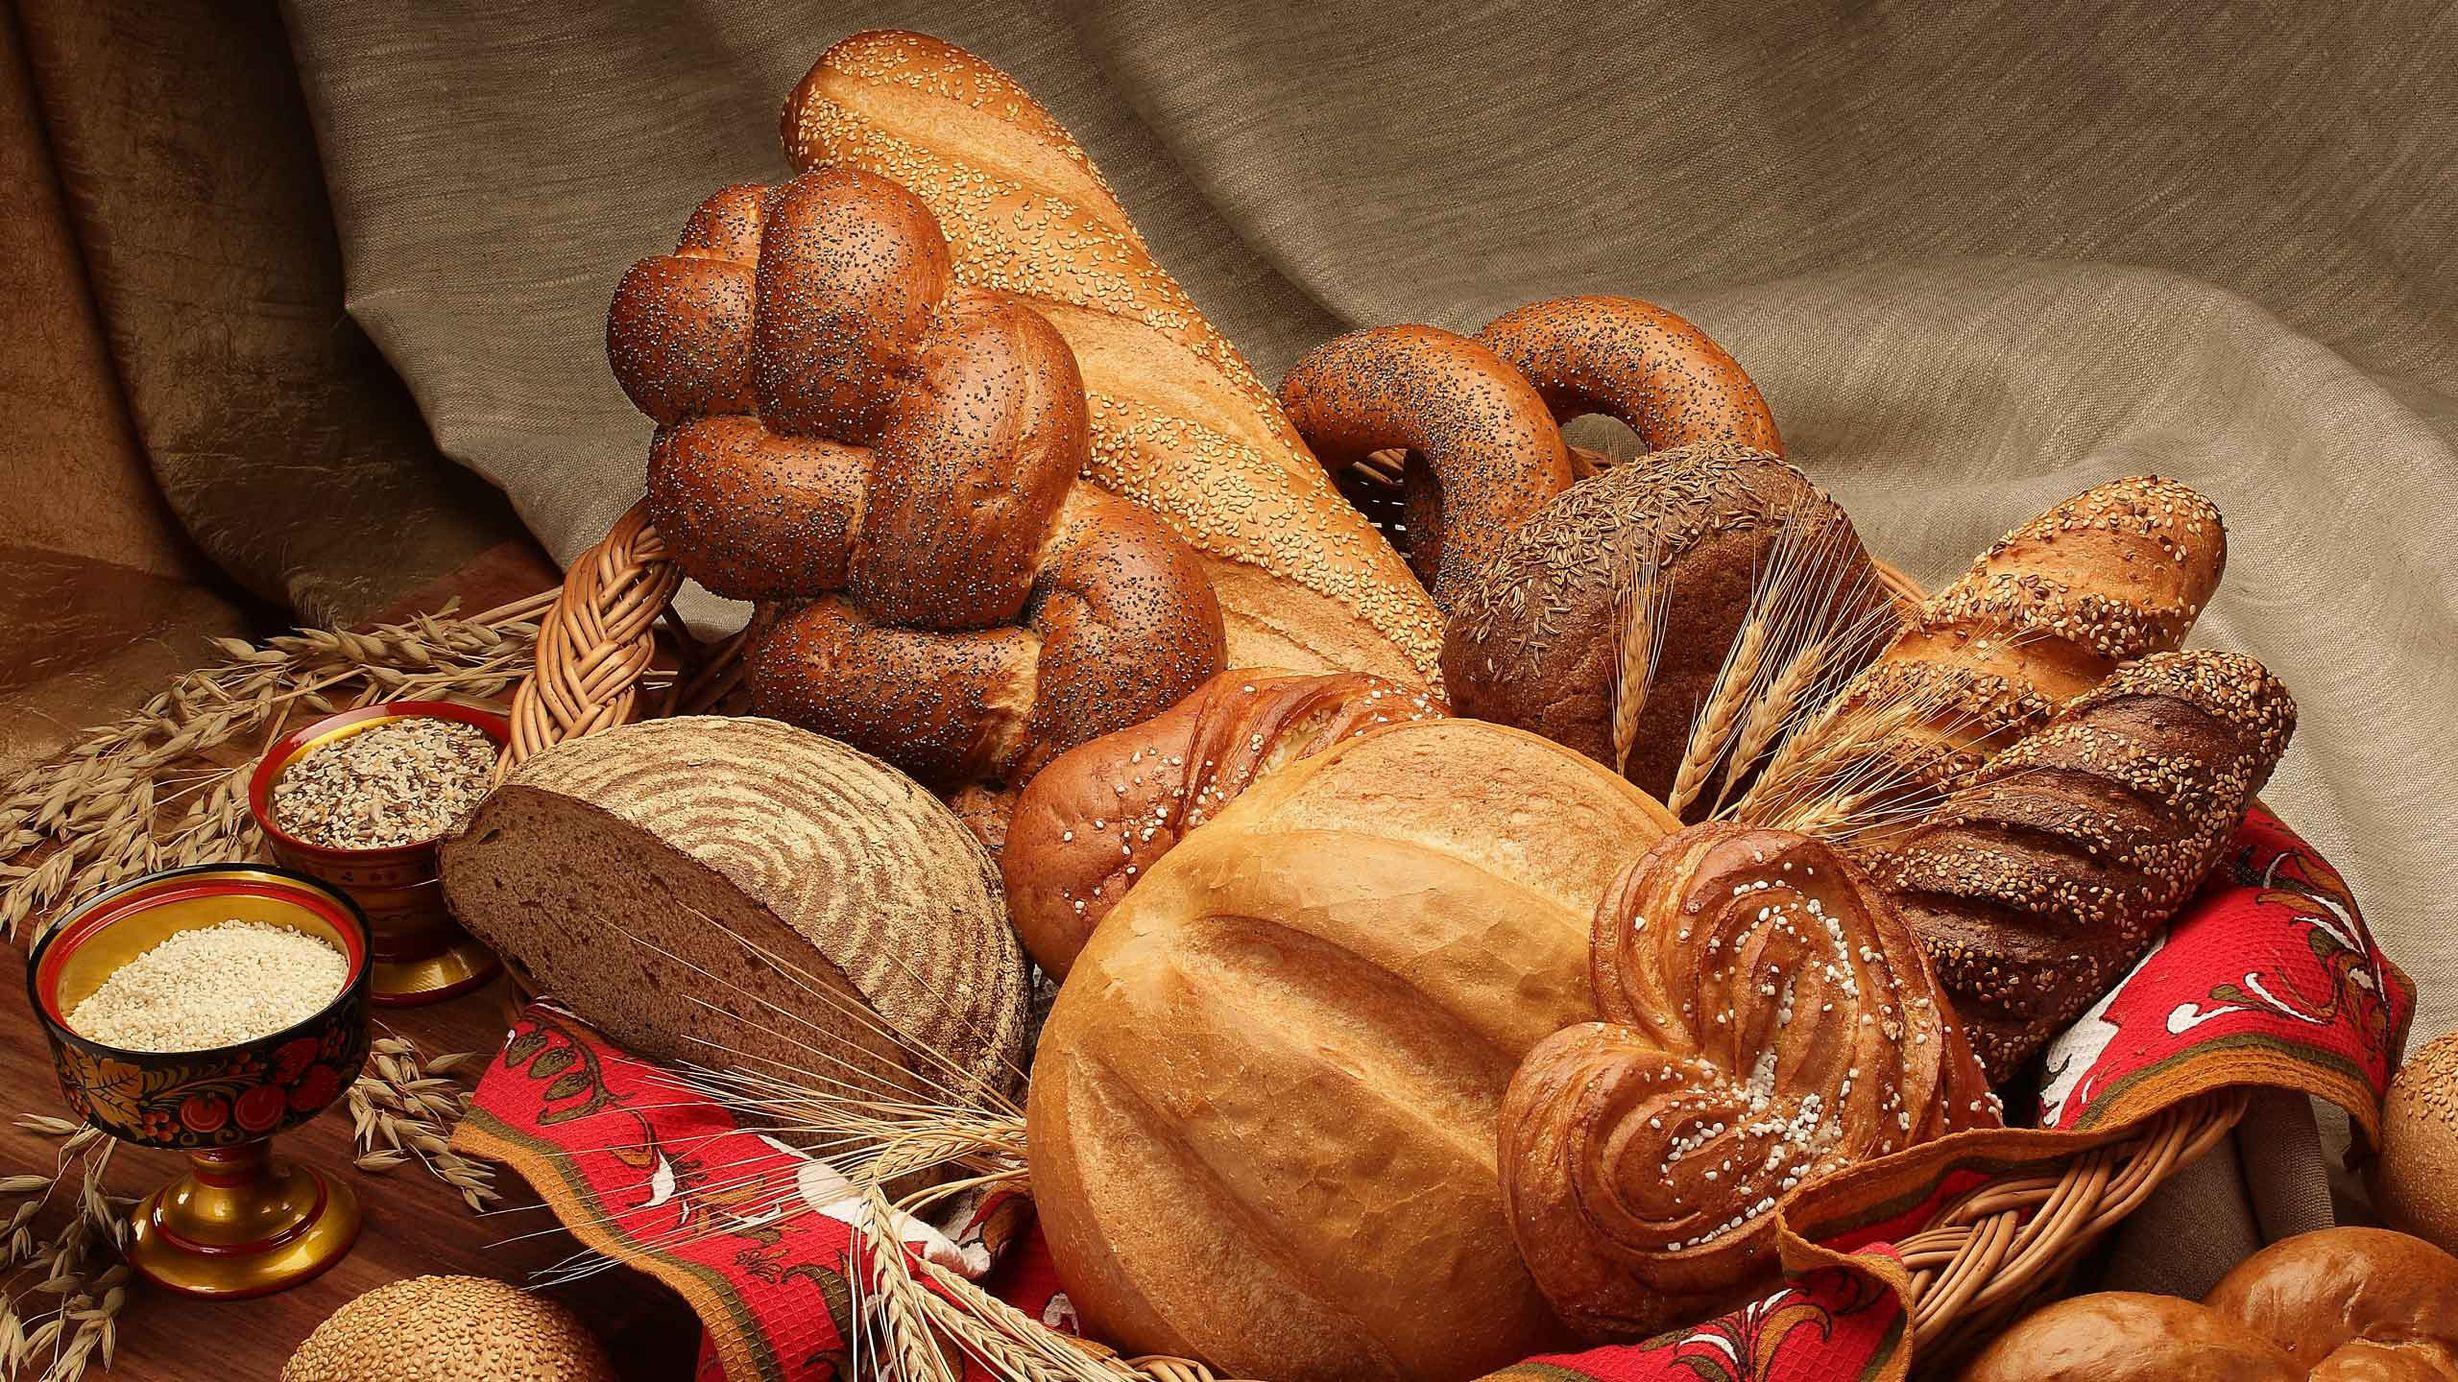 картинки хлеба и хлебобулочных изделий фото отпускать